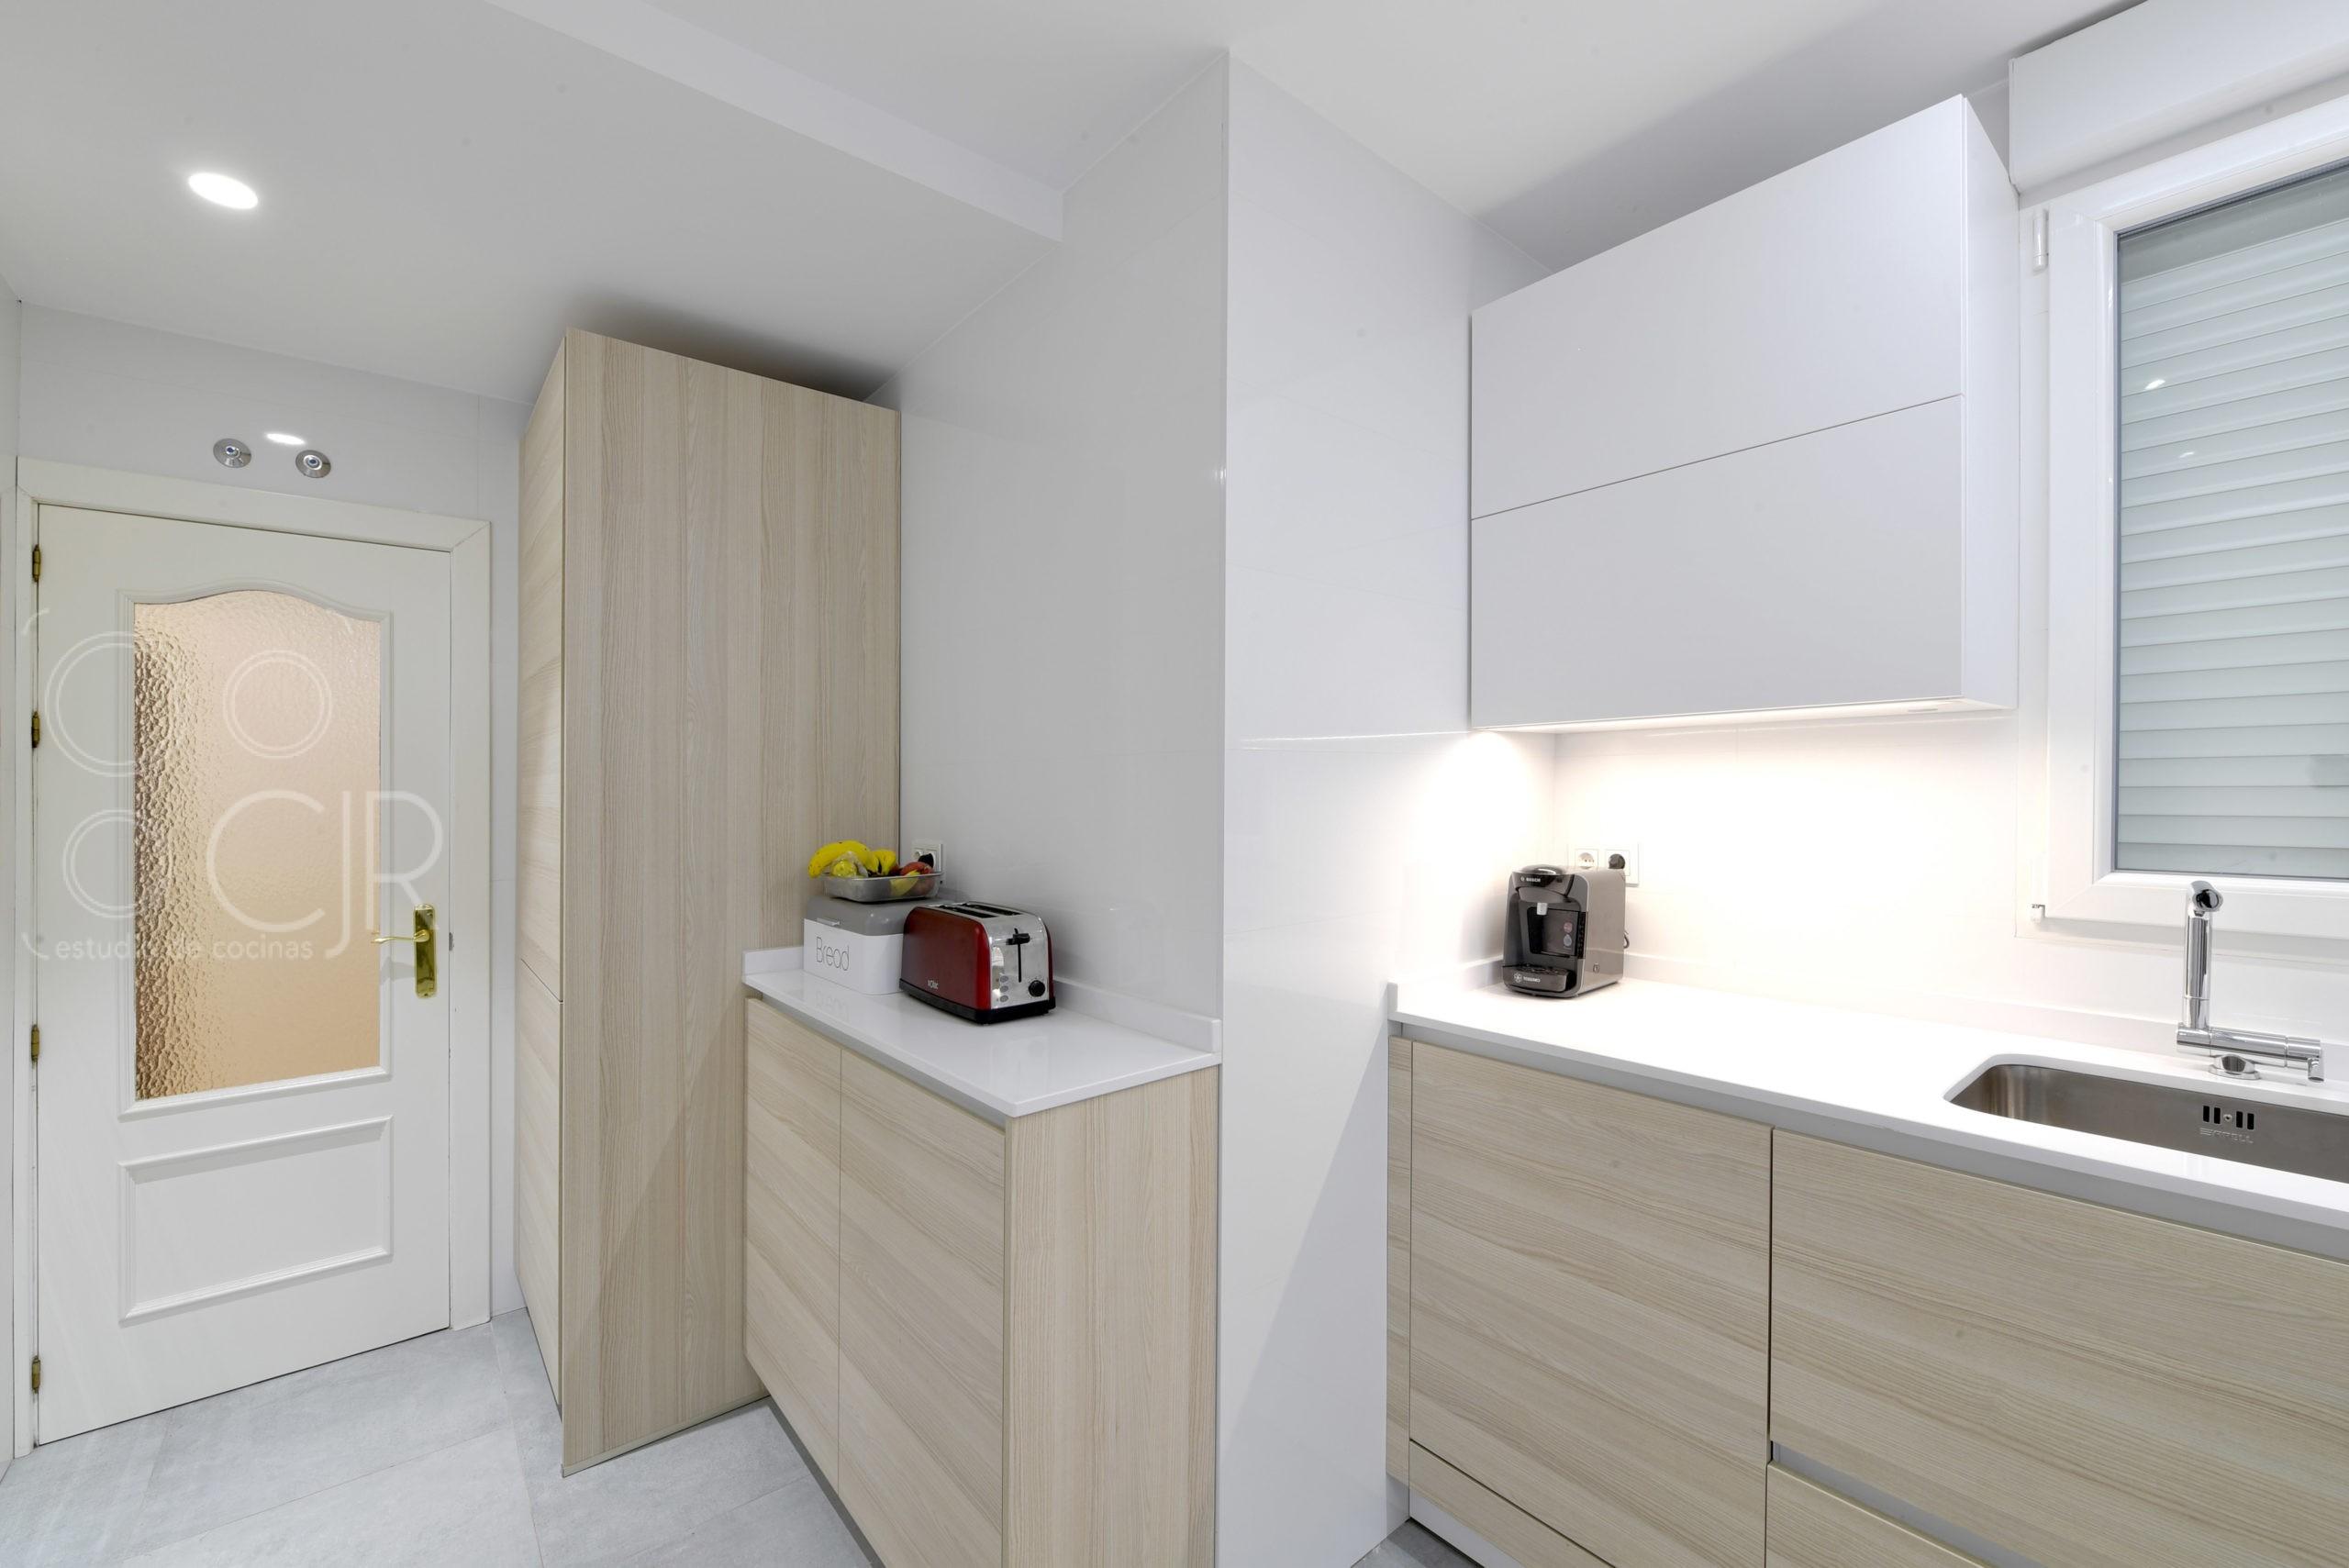 cocina madera y blanca moderna